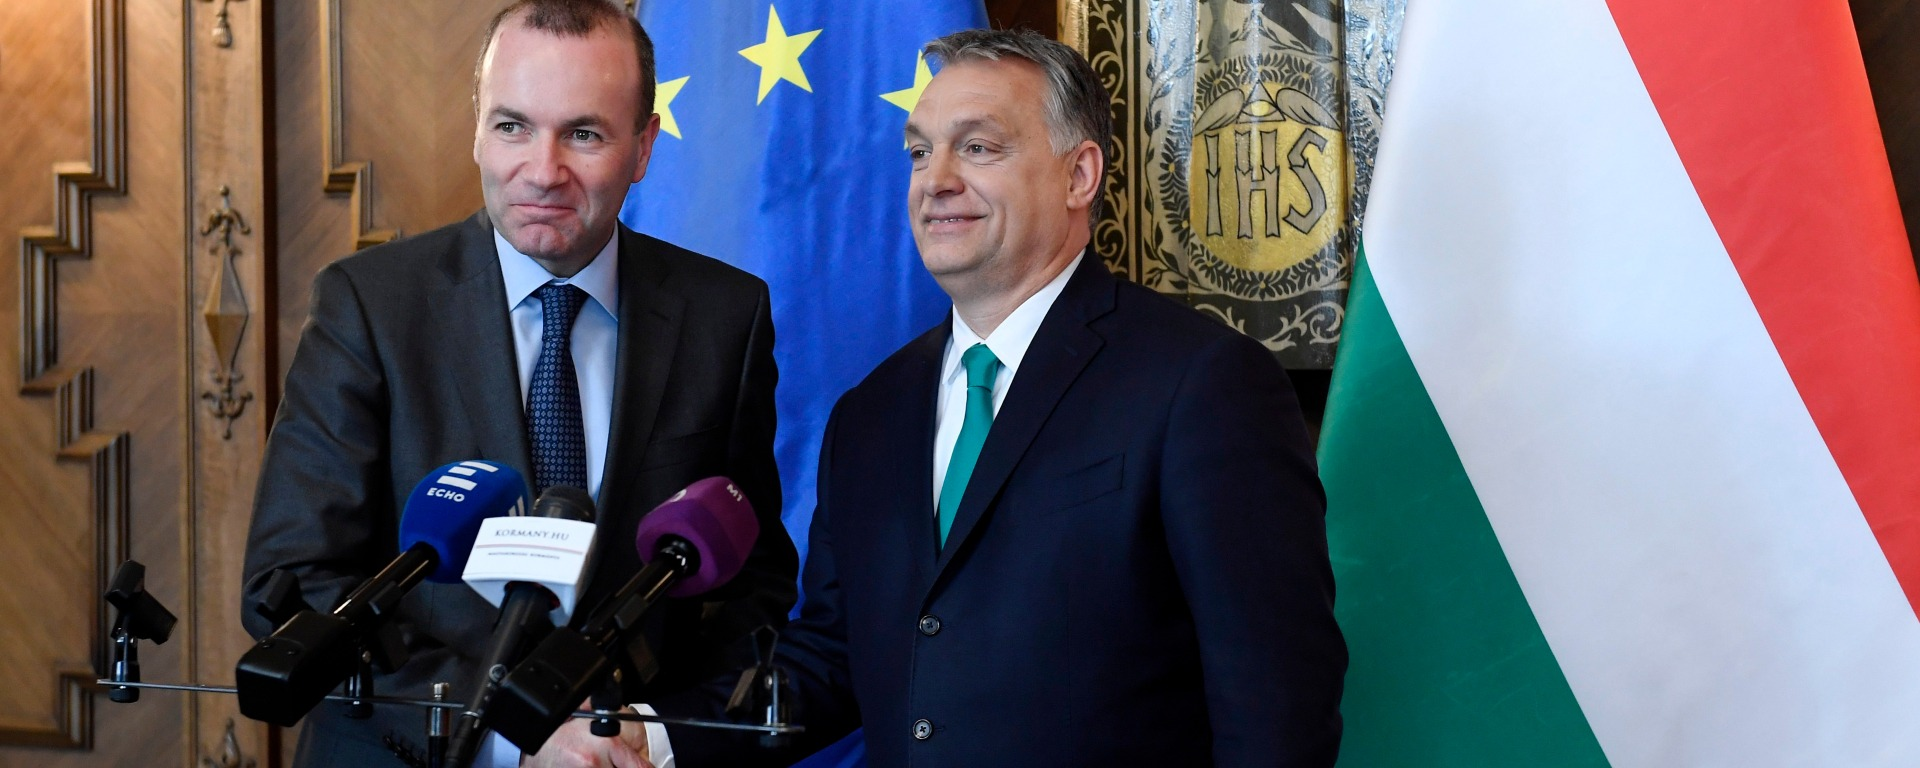 Magyarország a második kvótapert is elveszítette az Európai Bíróságon